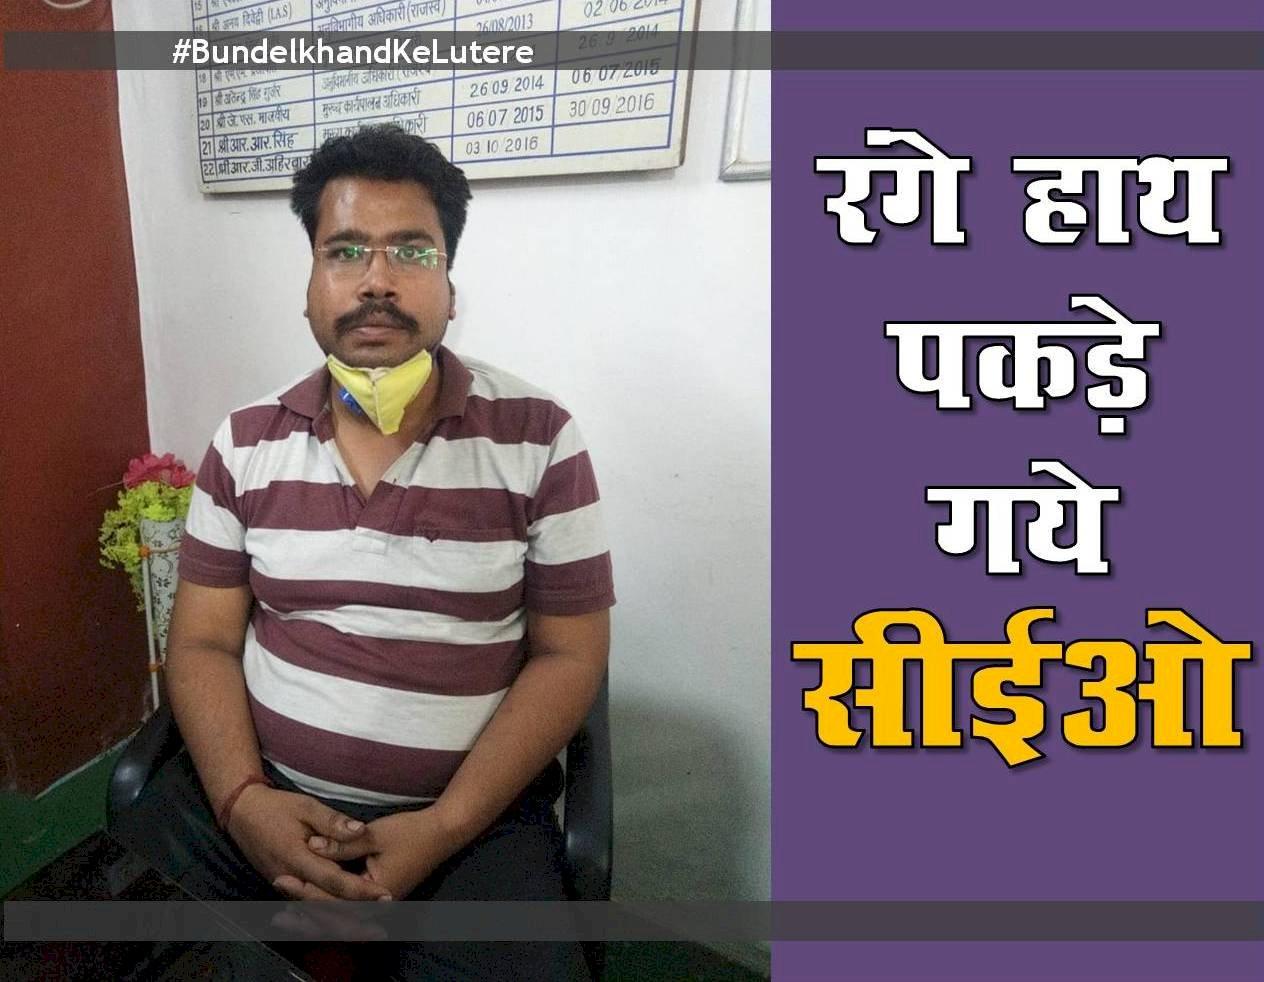 लोकायुक्त टीम सागर ने रिश्वत लेते रंगे हाथ सीईओ को किया गिरफ्तार